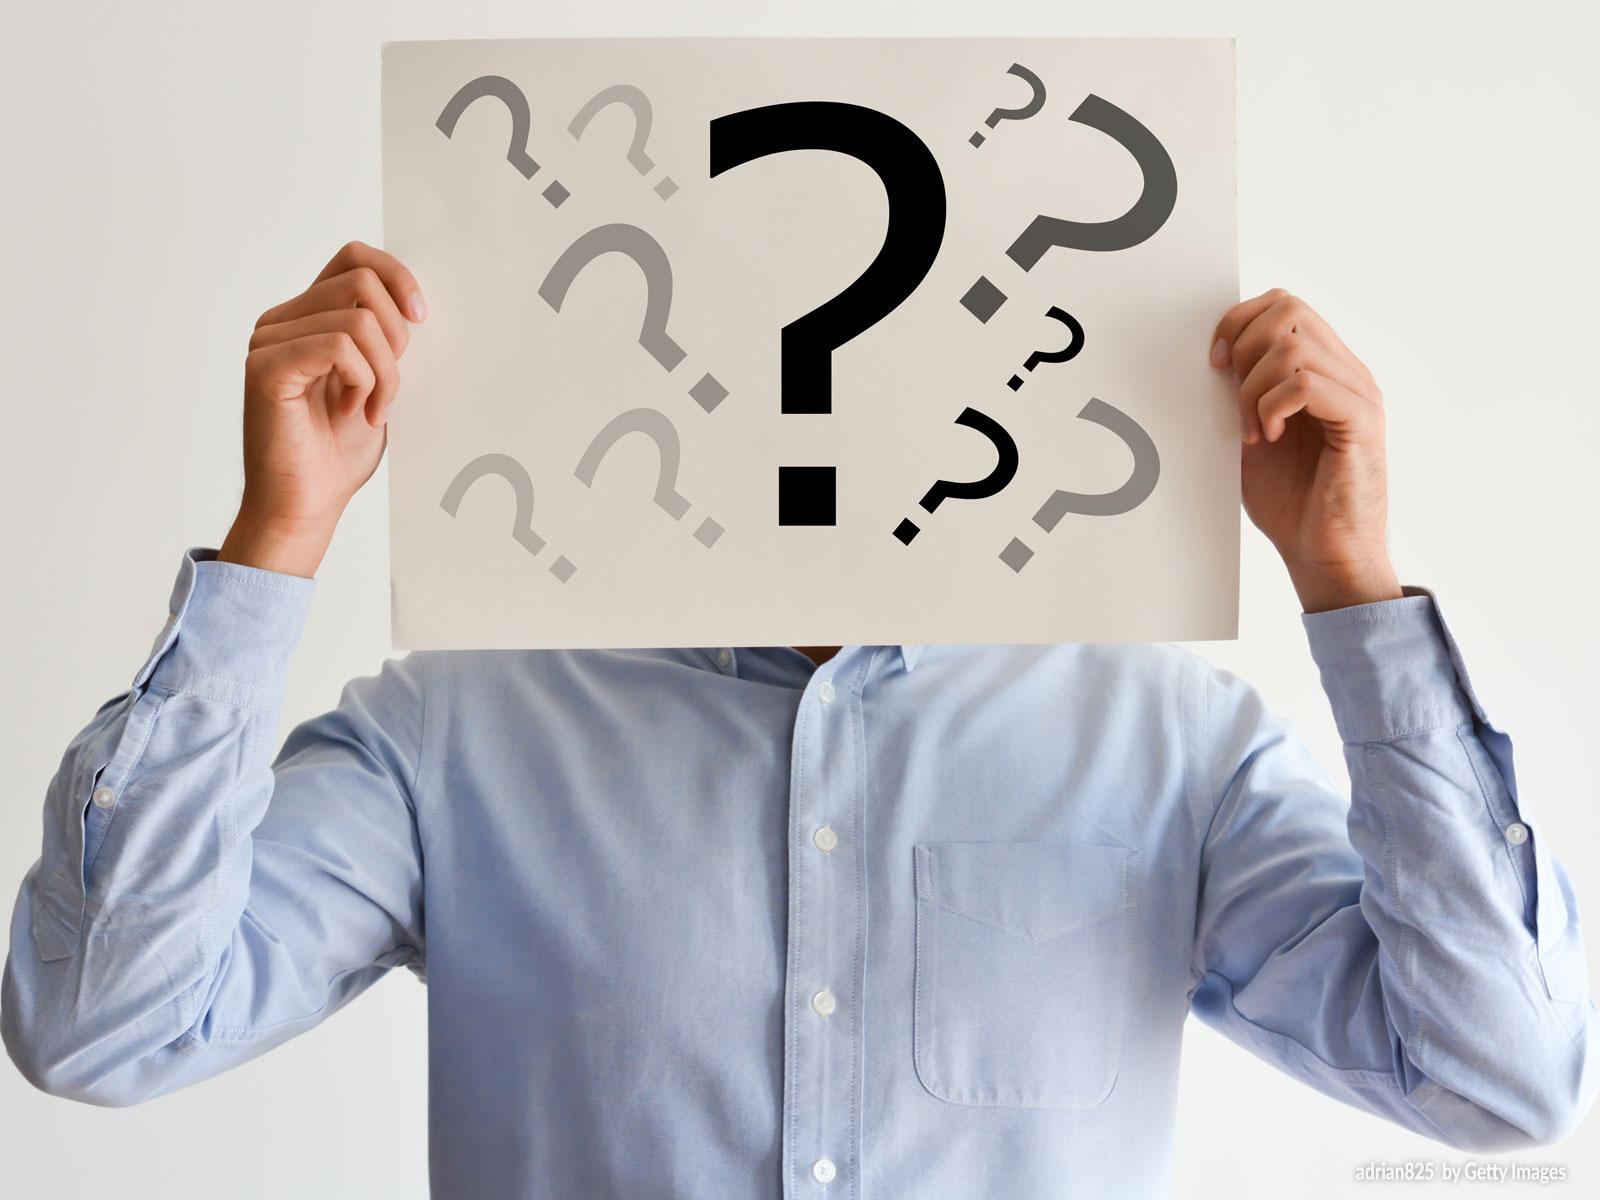 Será que mudar de profissão pode ser um bom negócio?